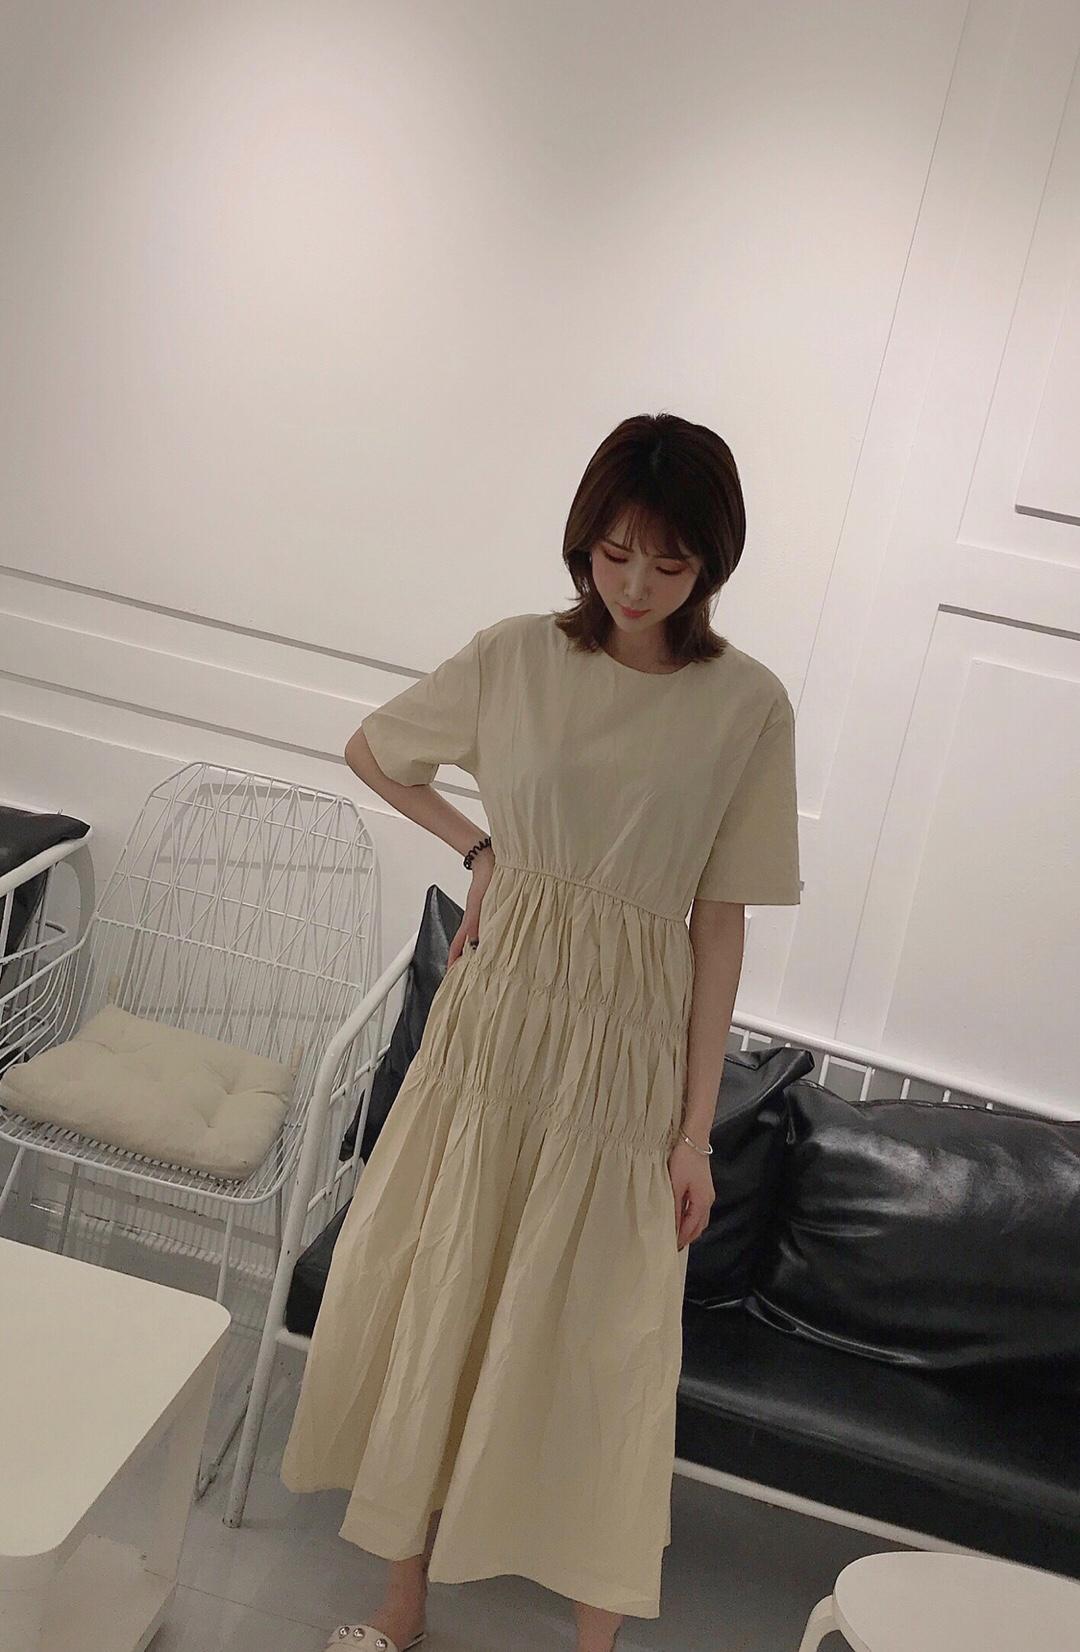 """没有""""连衣裙""""的春天,毫!无!灵!魂!  春天的衣柜主角必须是——裙子!! 而裙子里面,我对连衣裙情有独钟  这个杏色上身也太温油了吧!! #自带十级瘦身特效的连衣裙#"""